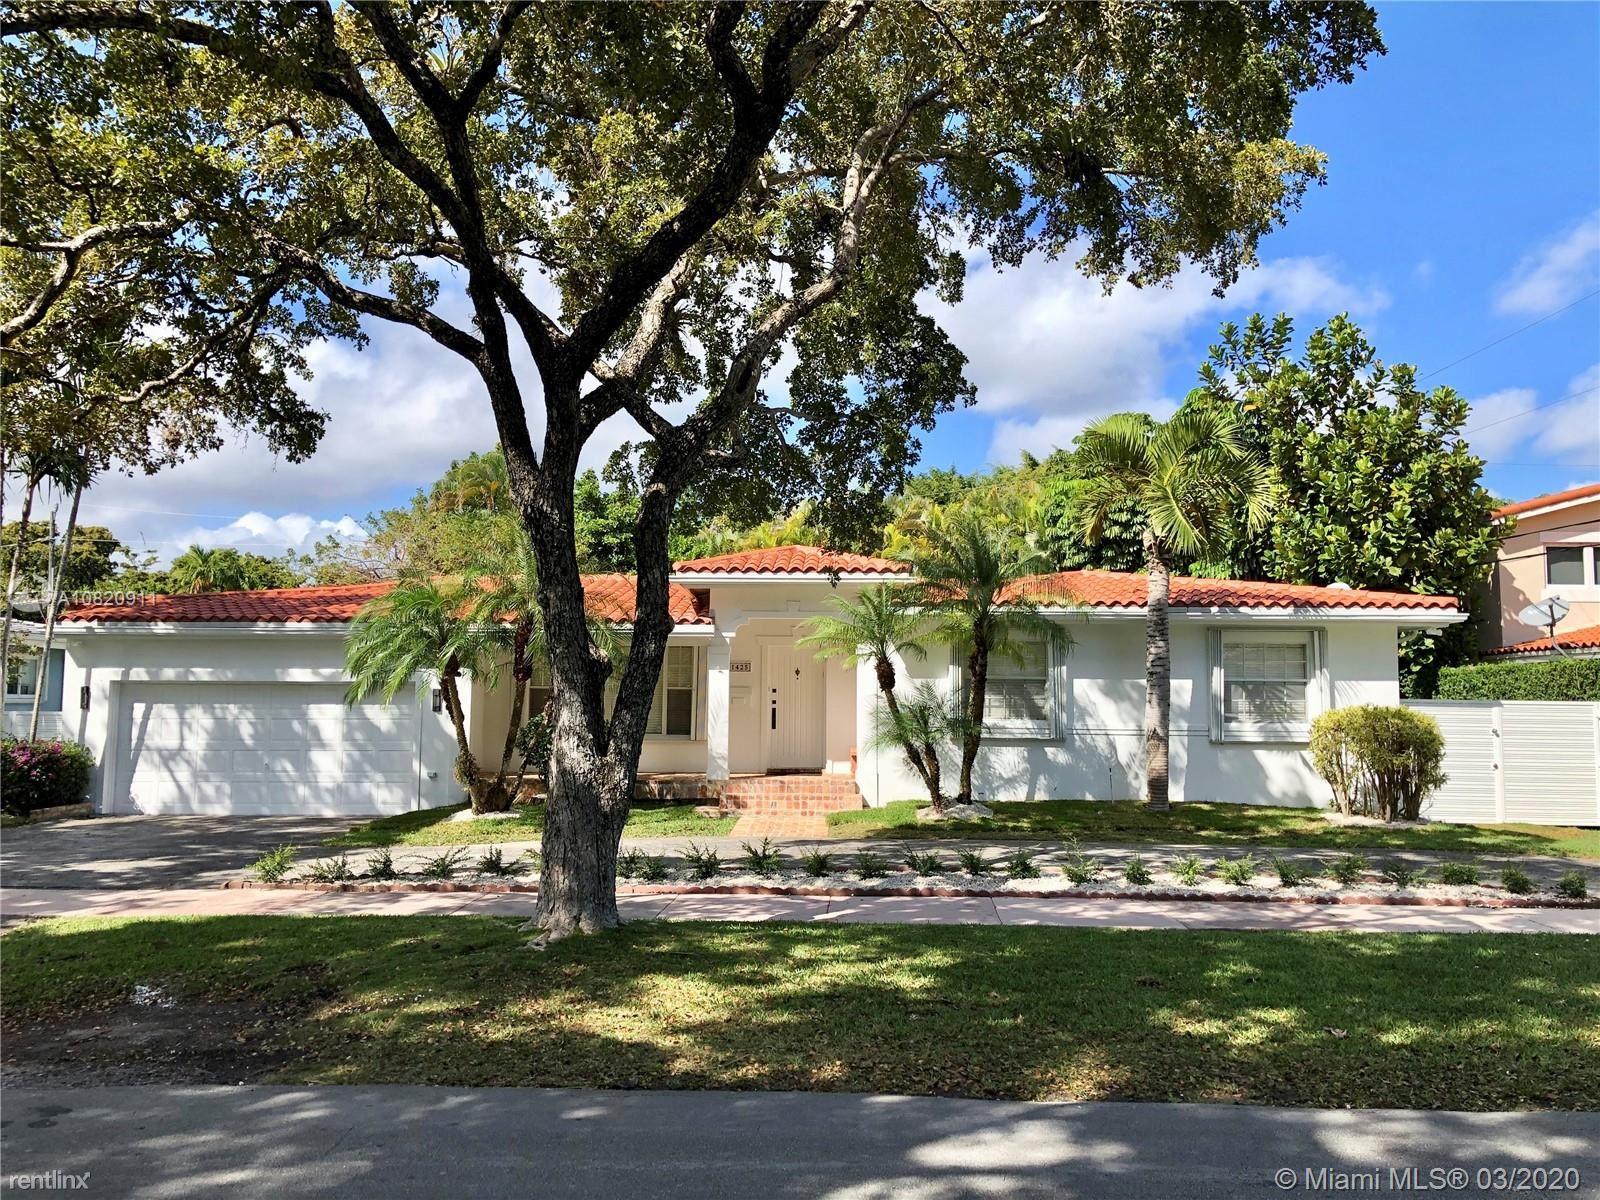 1425 Trillo Ave, Coral Gables, FL - $6,000